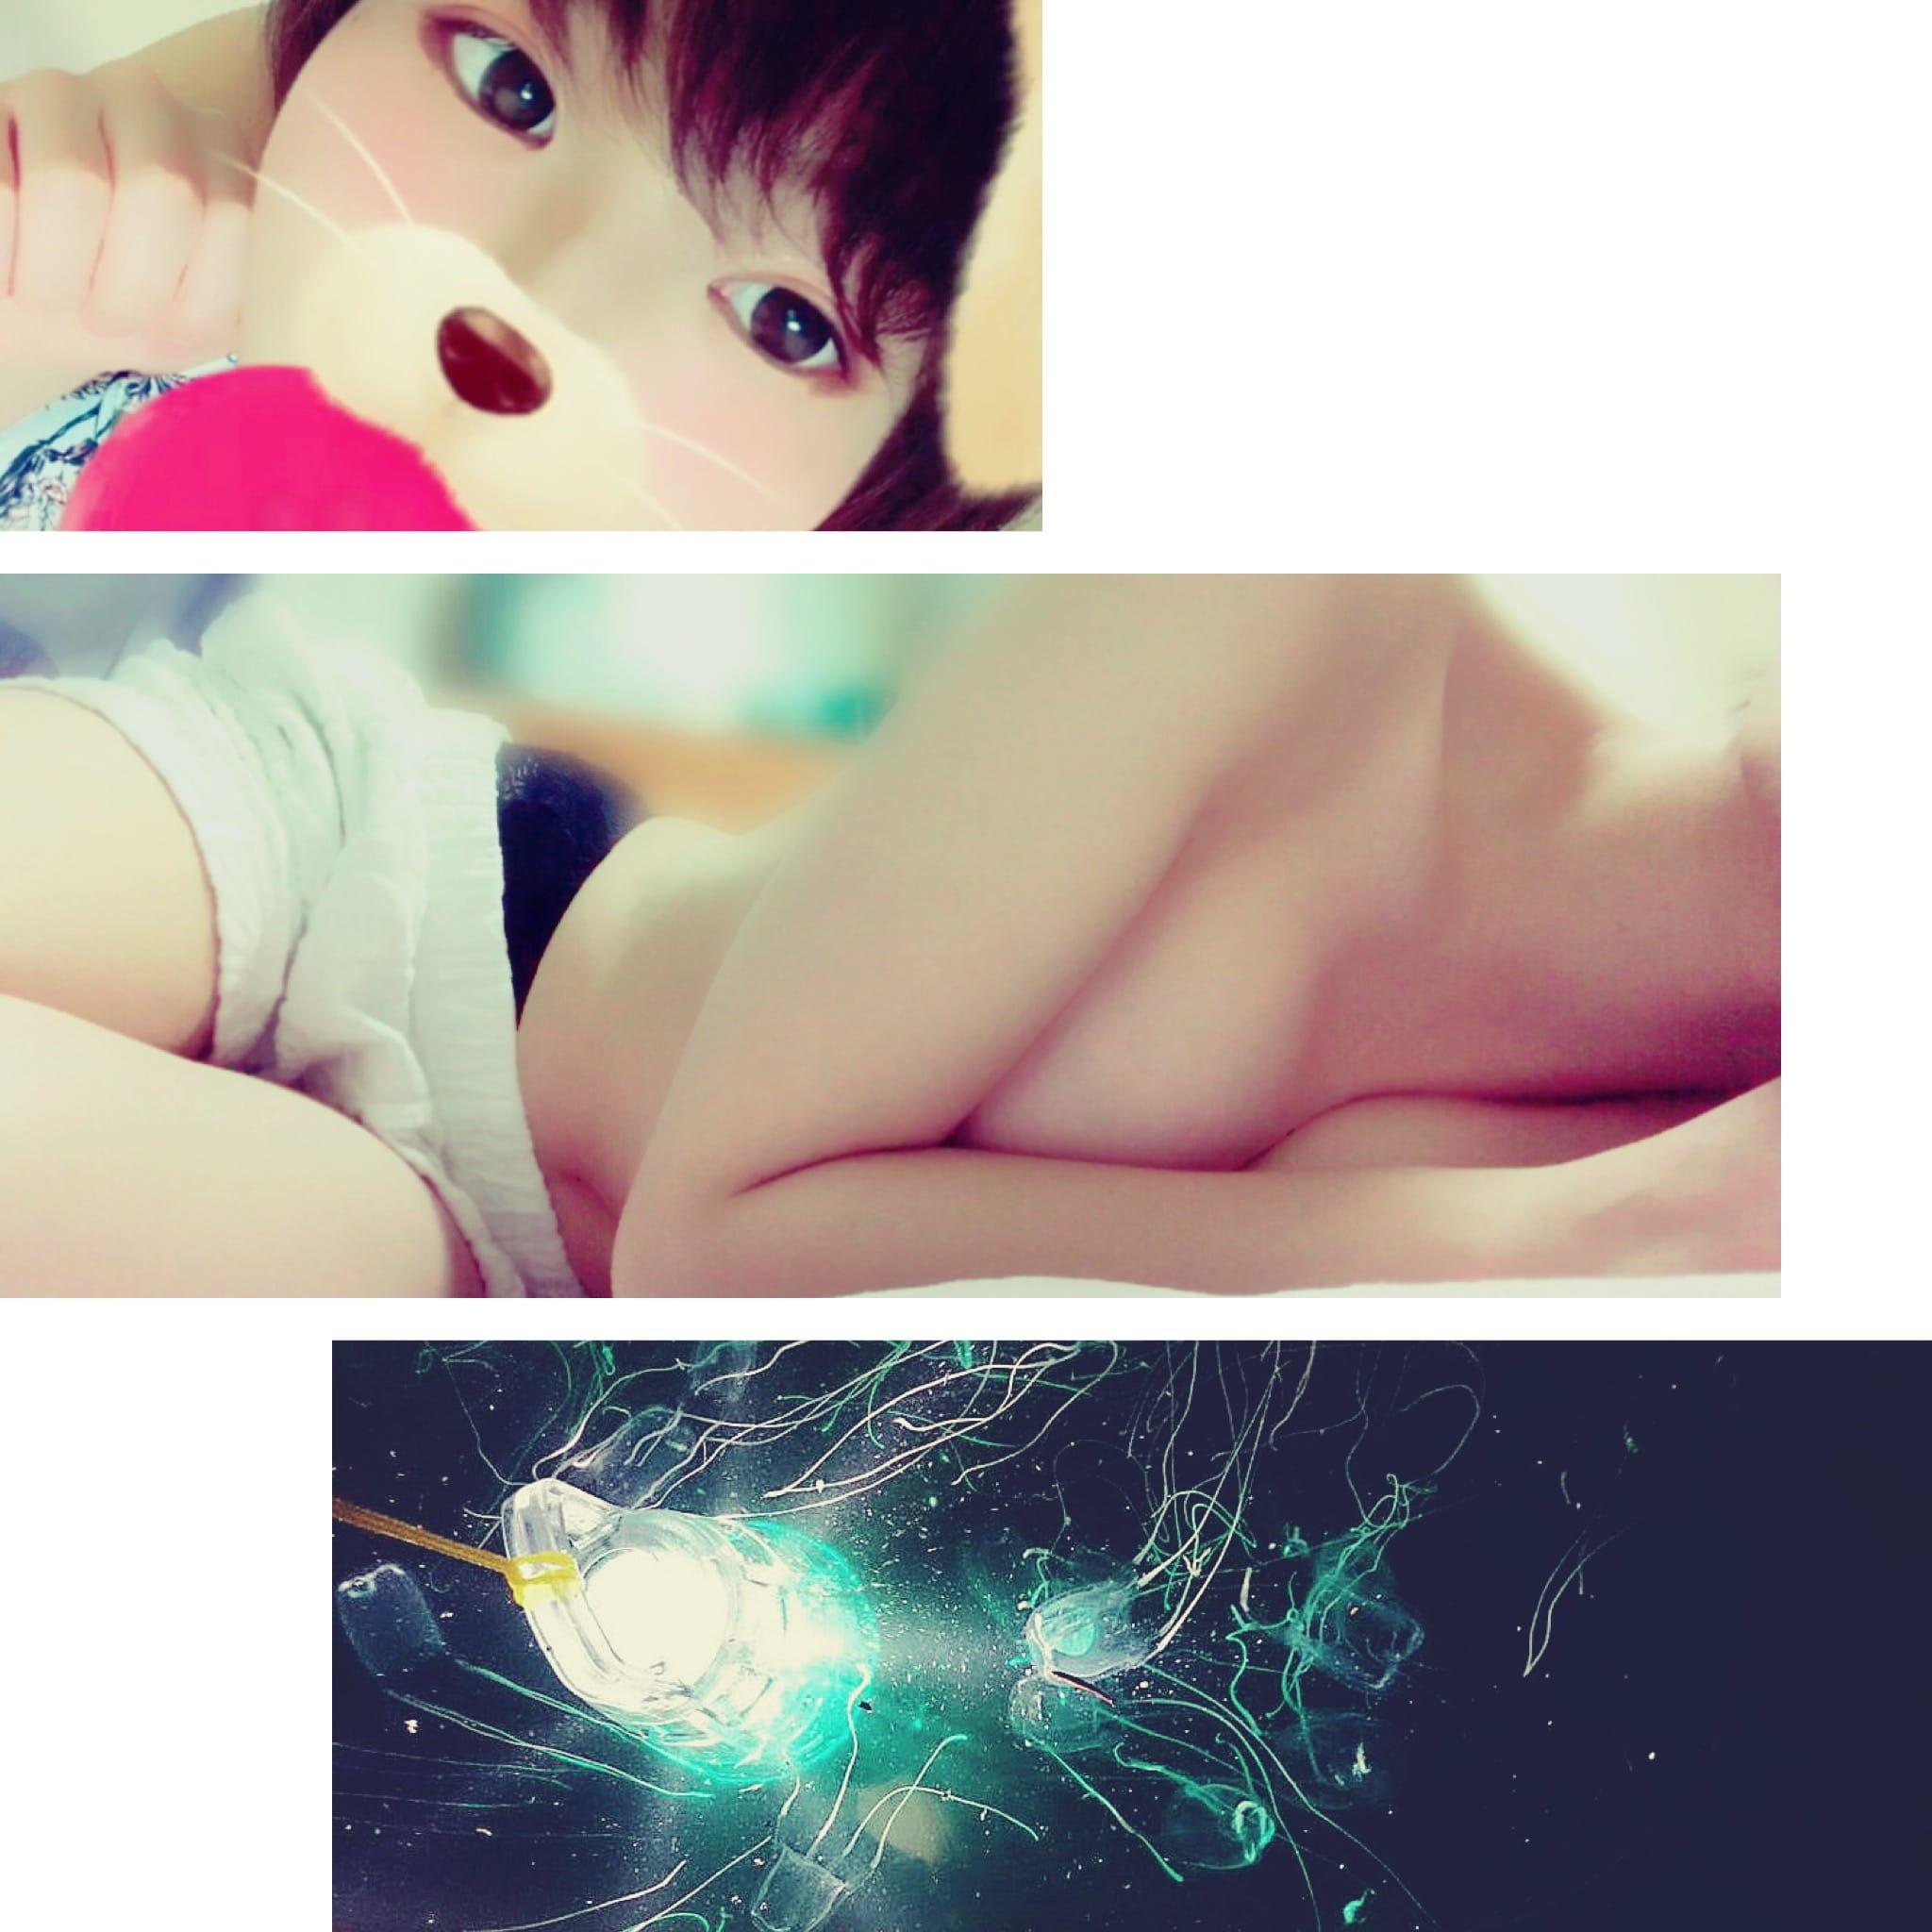 「(((o(*゚▽゚*)o)))♡」08/08(08/08) 07:38 | あおいの写メ・風俗動画